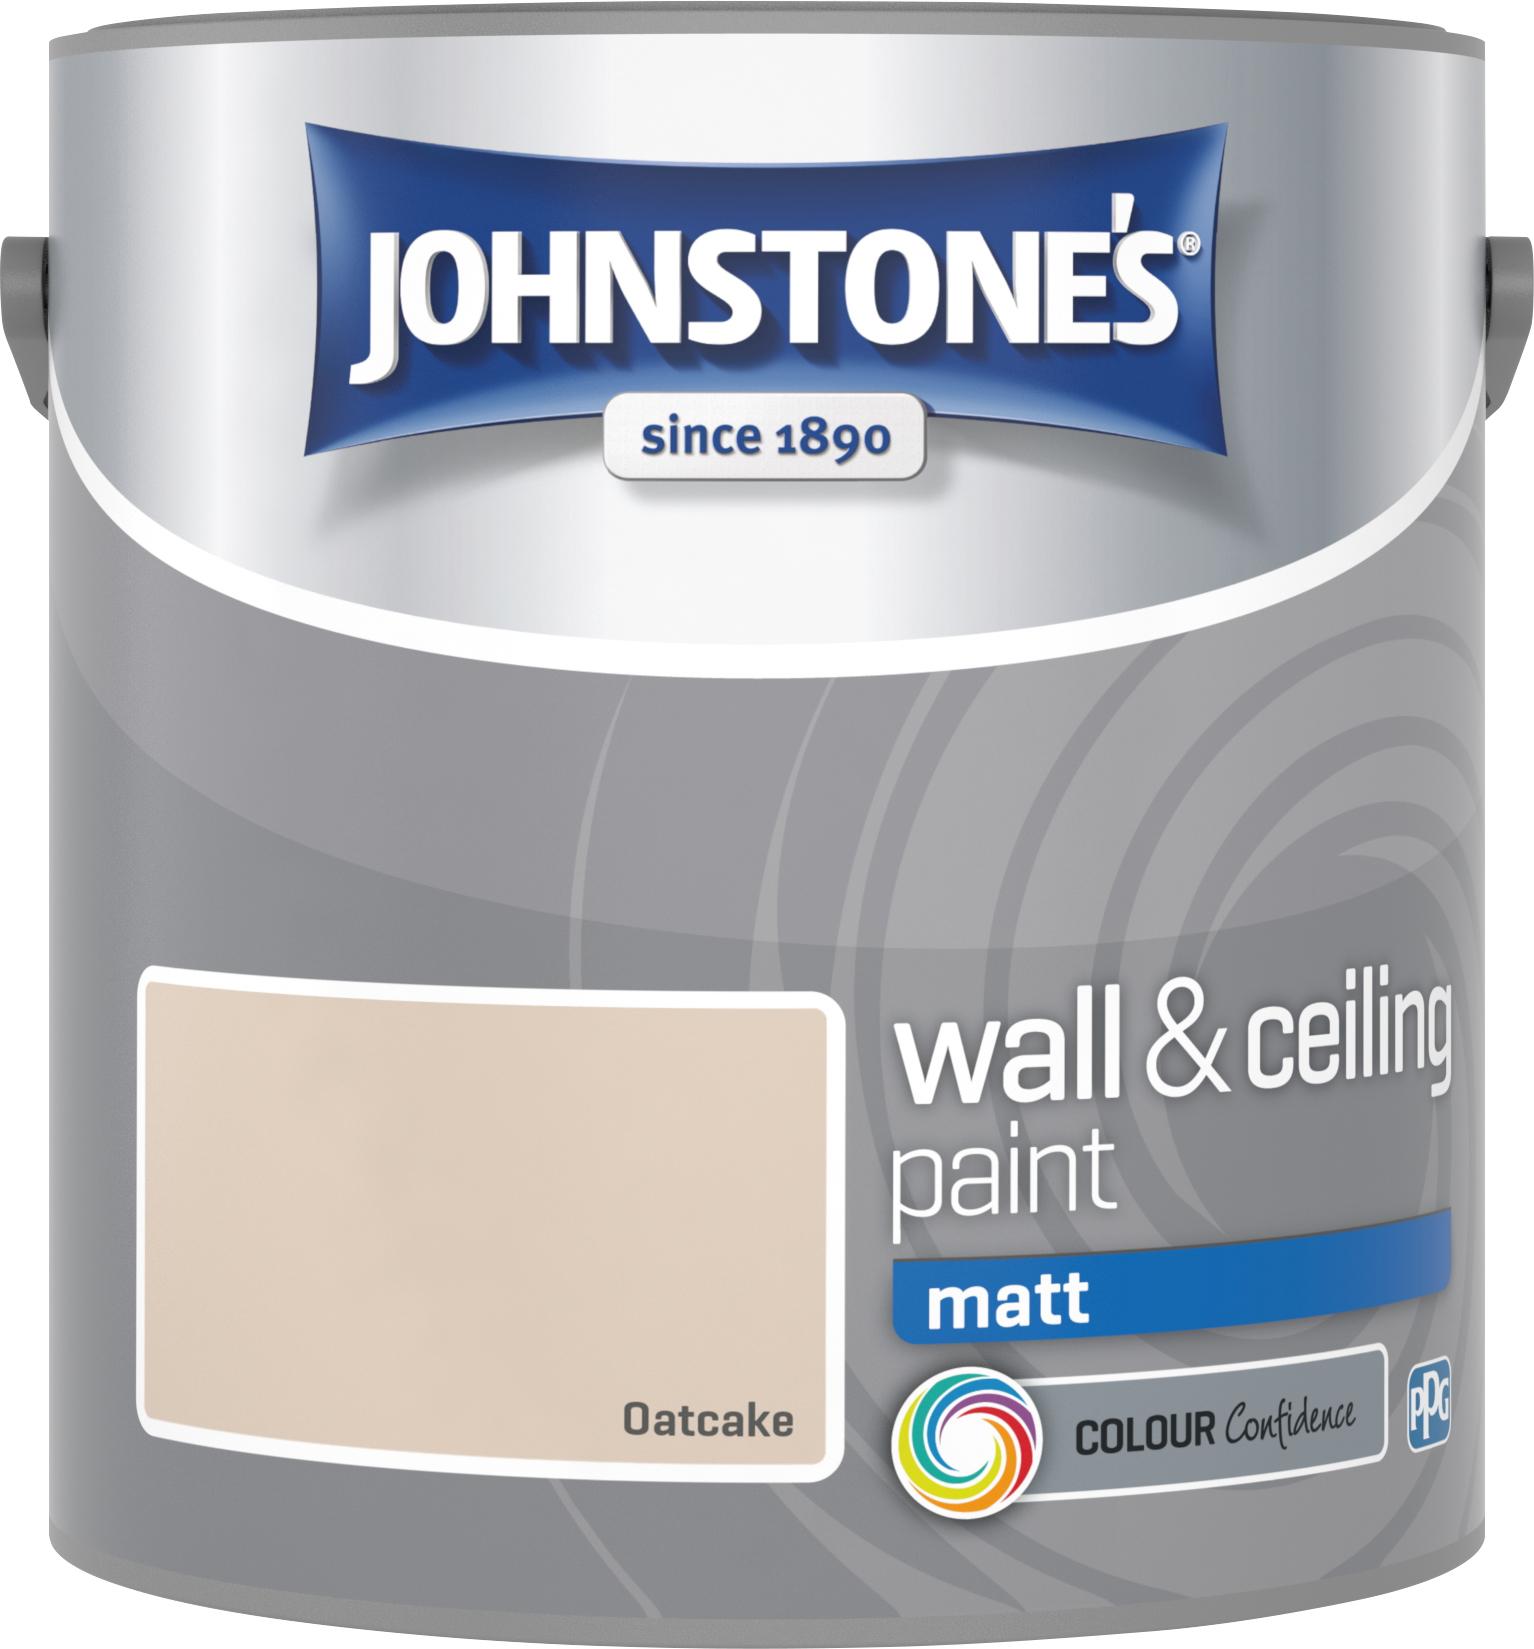 Johnstone's 304027 2.5 Litre Matt Emulsion Paint - Oatcake